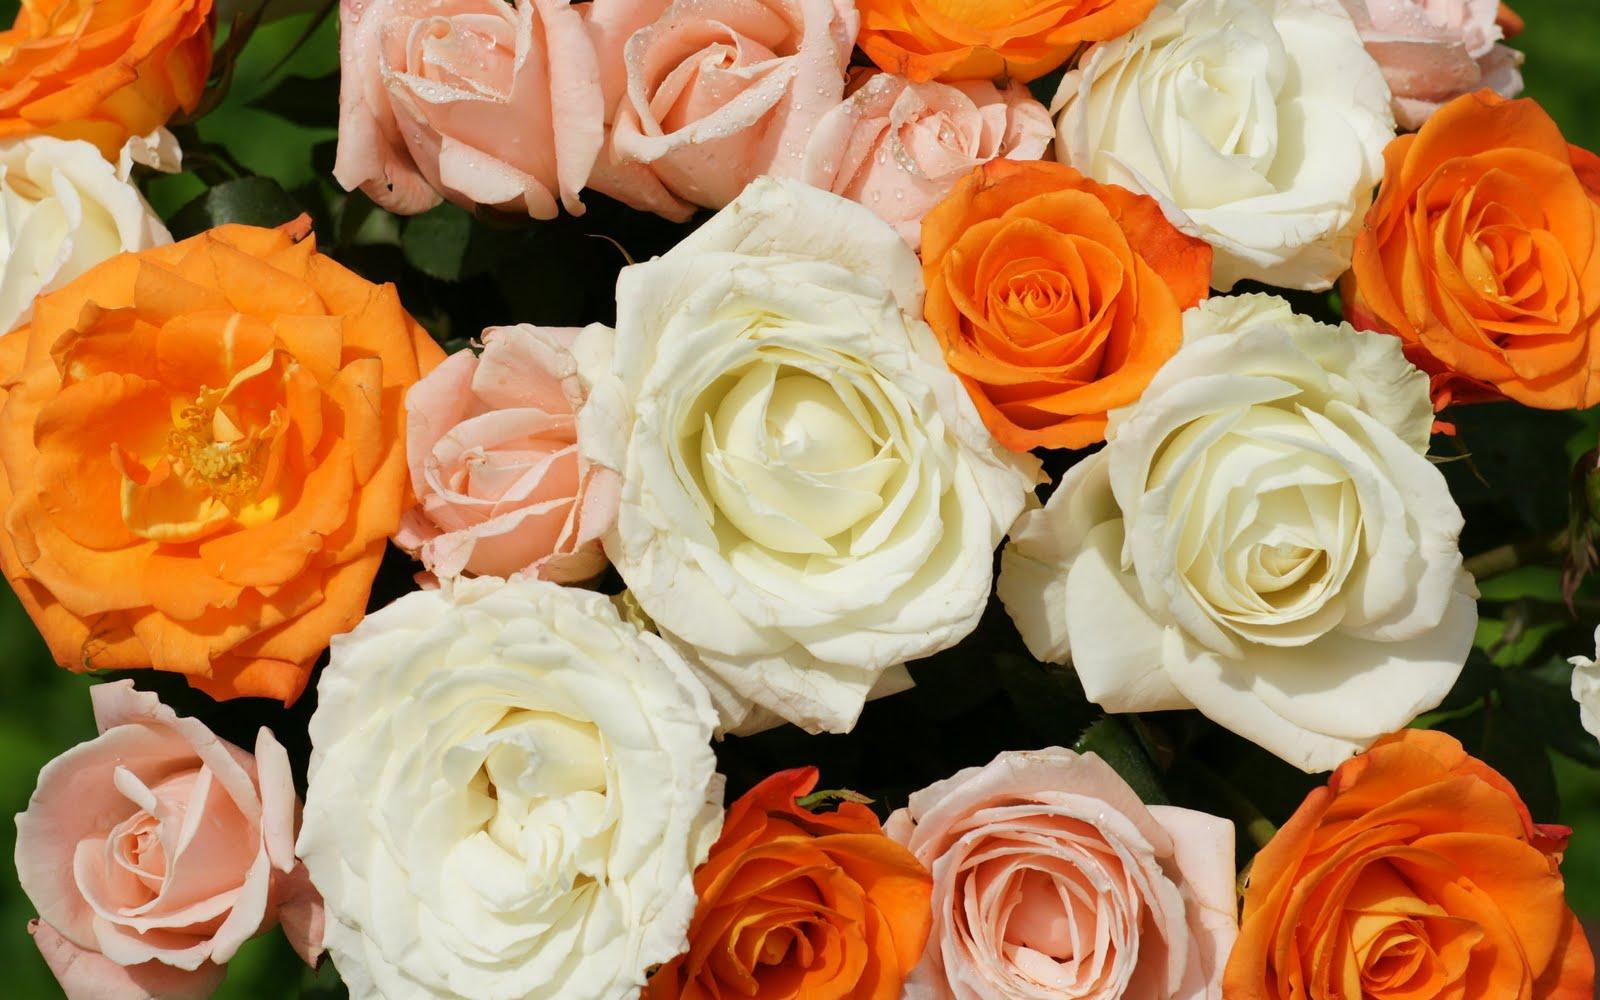 http://3.bp.blogspot.com/_BEyQraI-KQQ/SxSxSx0FXqI/AAAAAAAADuE/nOuNXrScsp8/s1600/beautiful-roses-dsc03390-ws.jpg